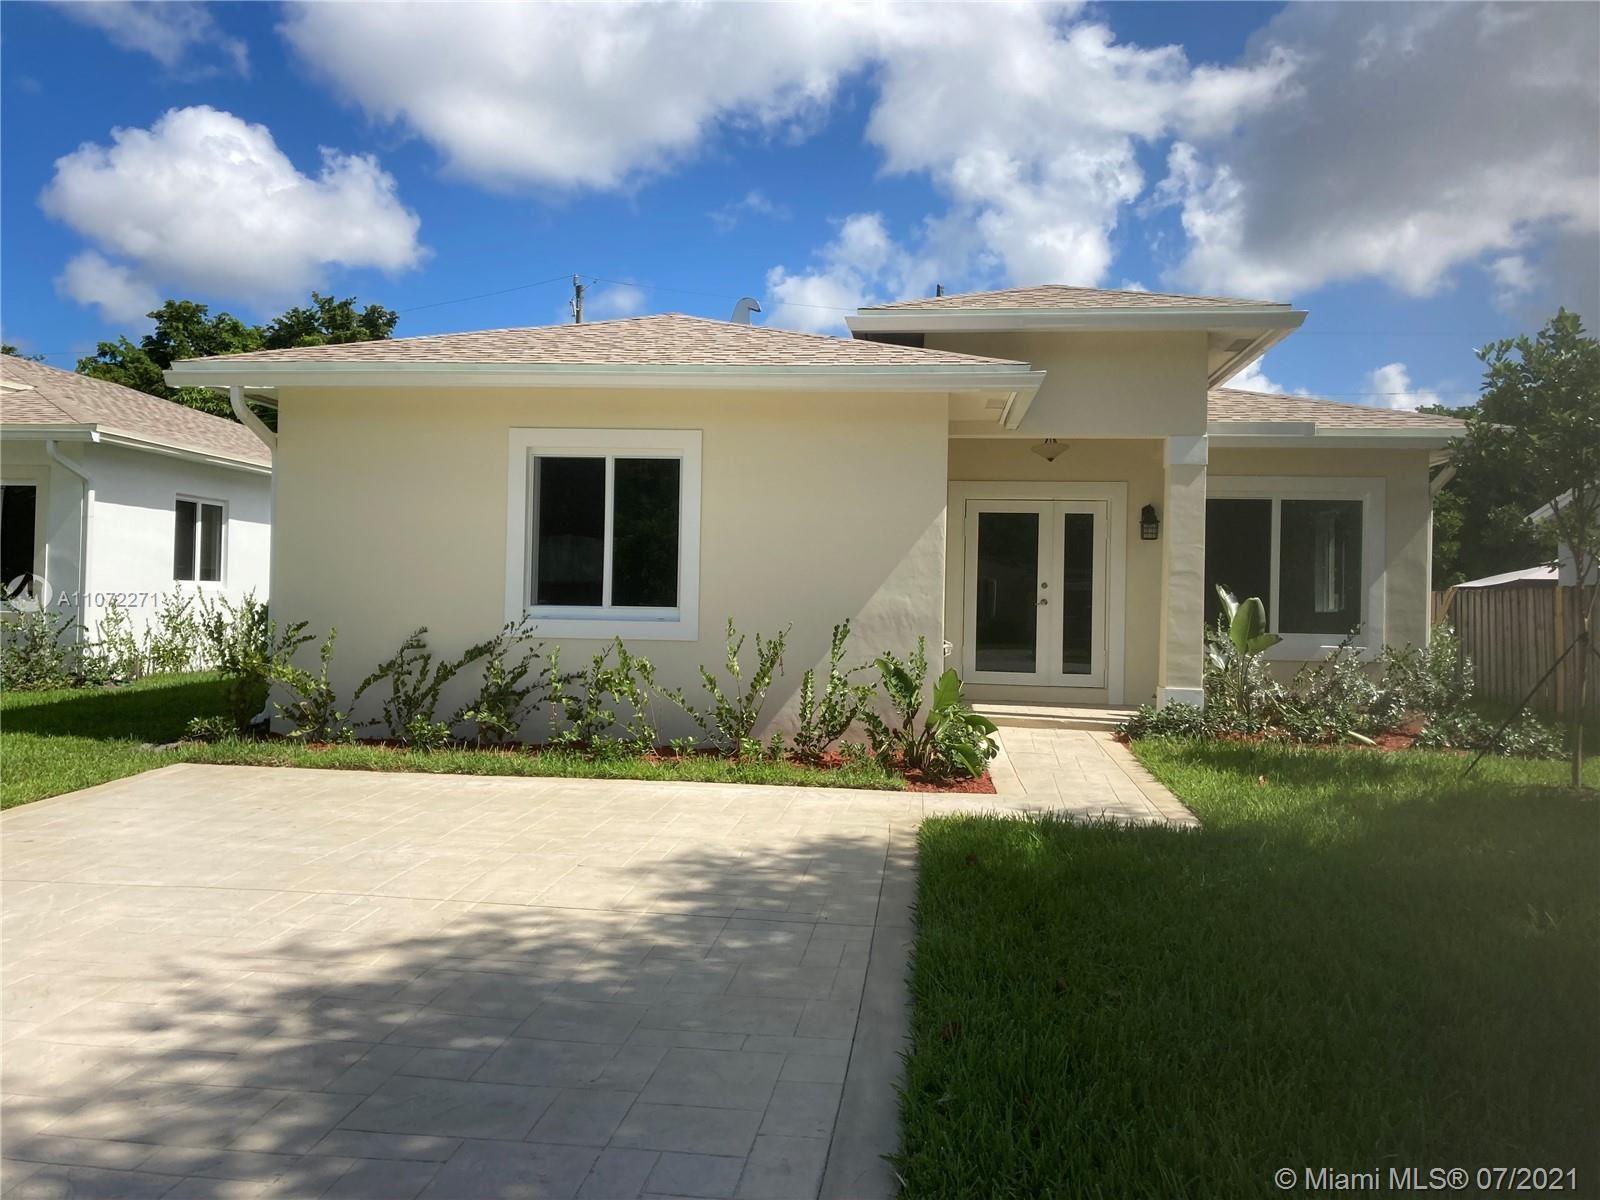 6320 Dawson St, Hollywood, FL 33023 - #: A11072271